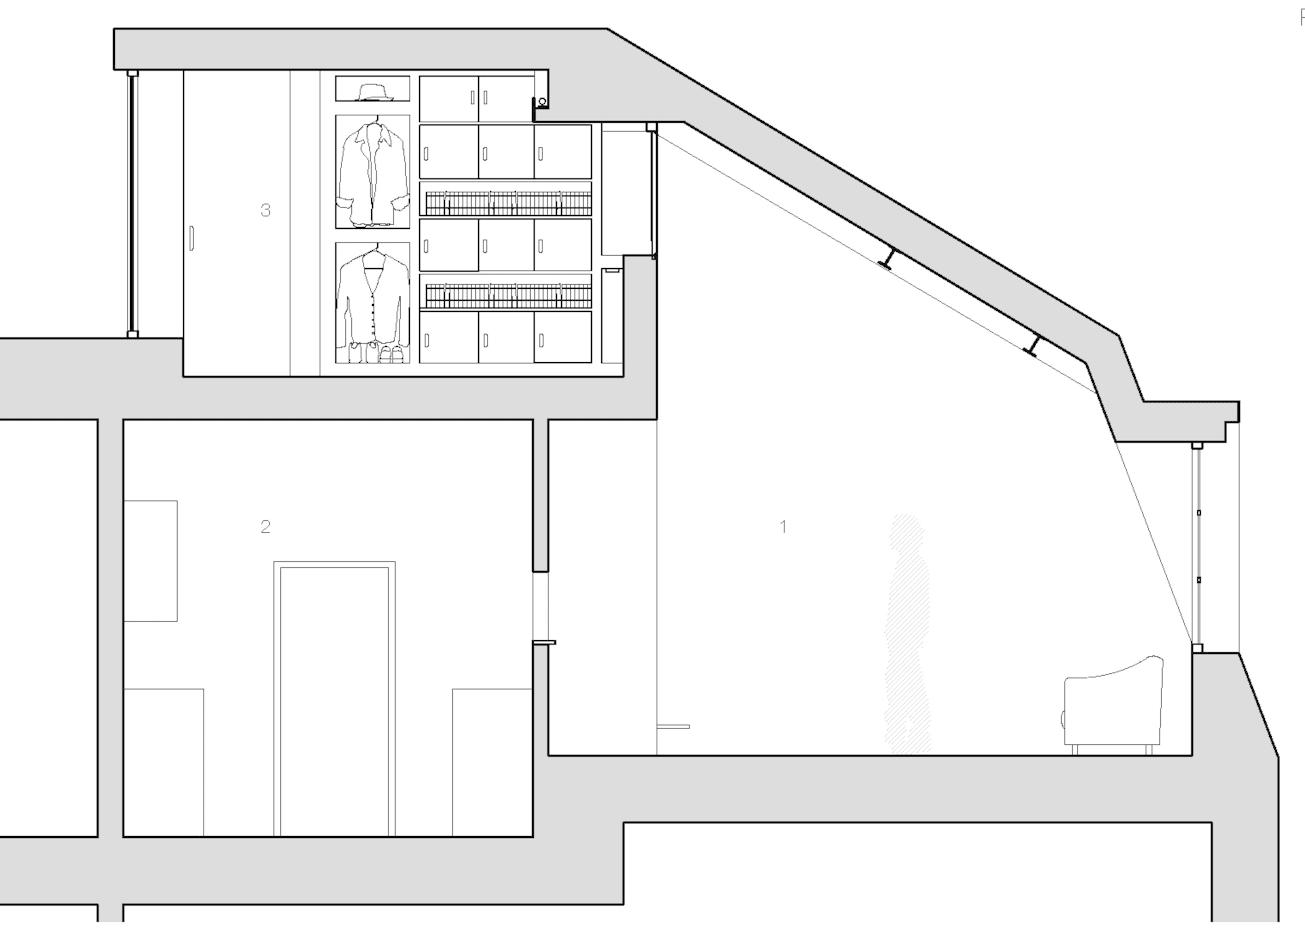 faltturen eschenholz raumteilung einzimmerwohnung images